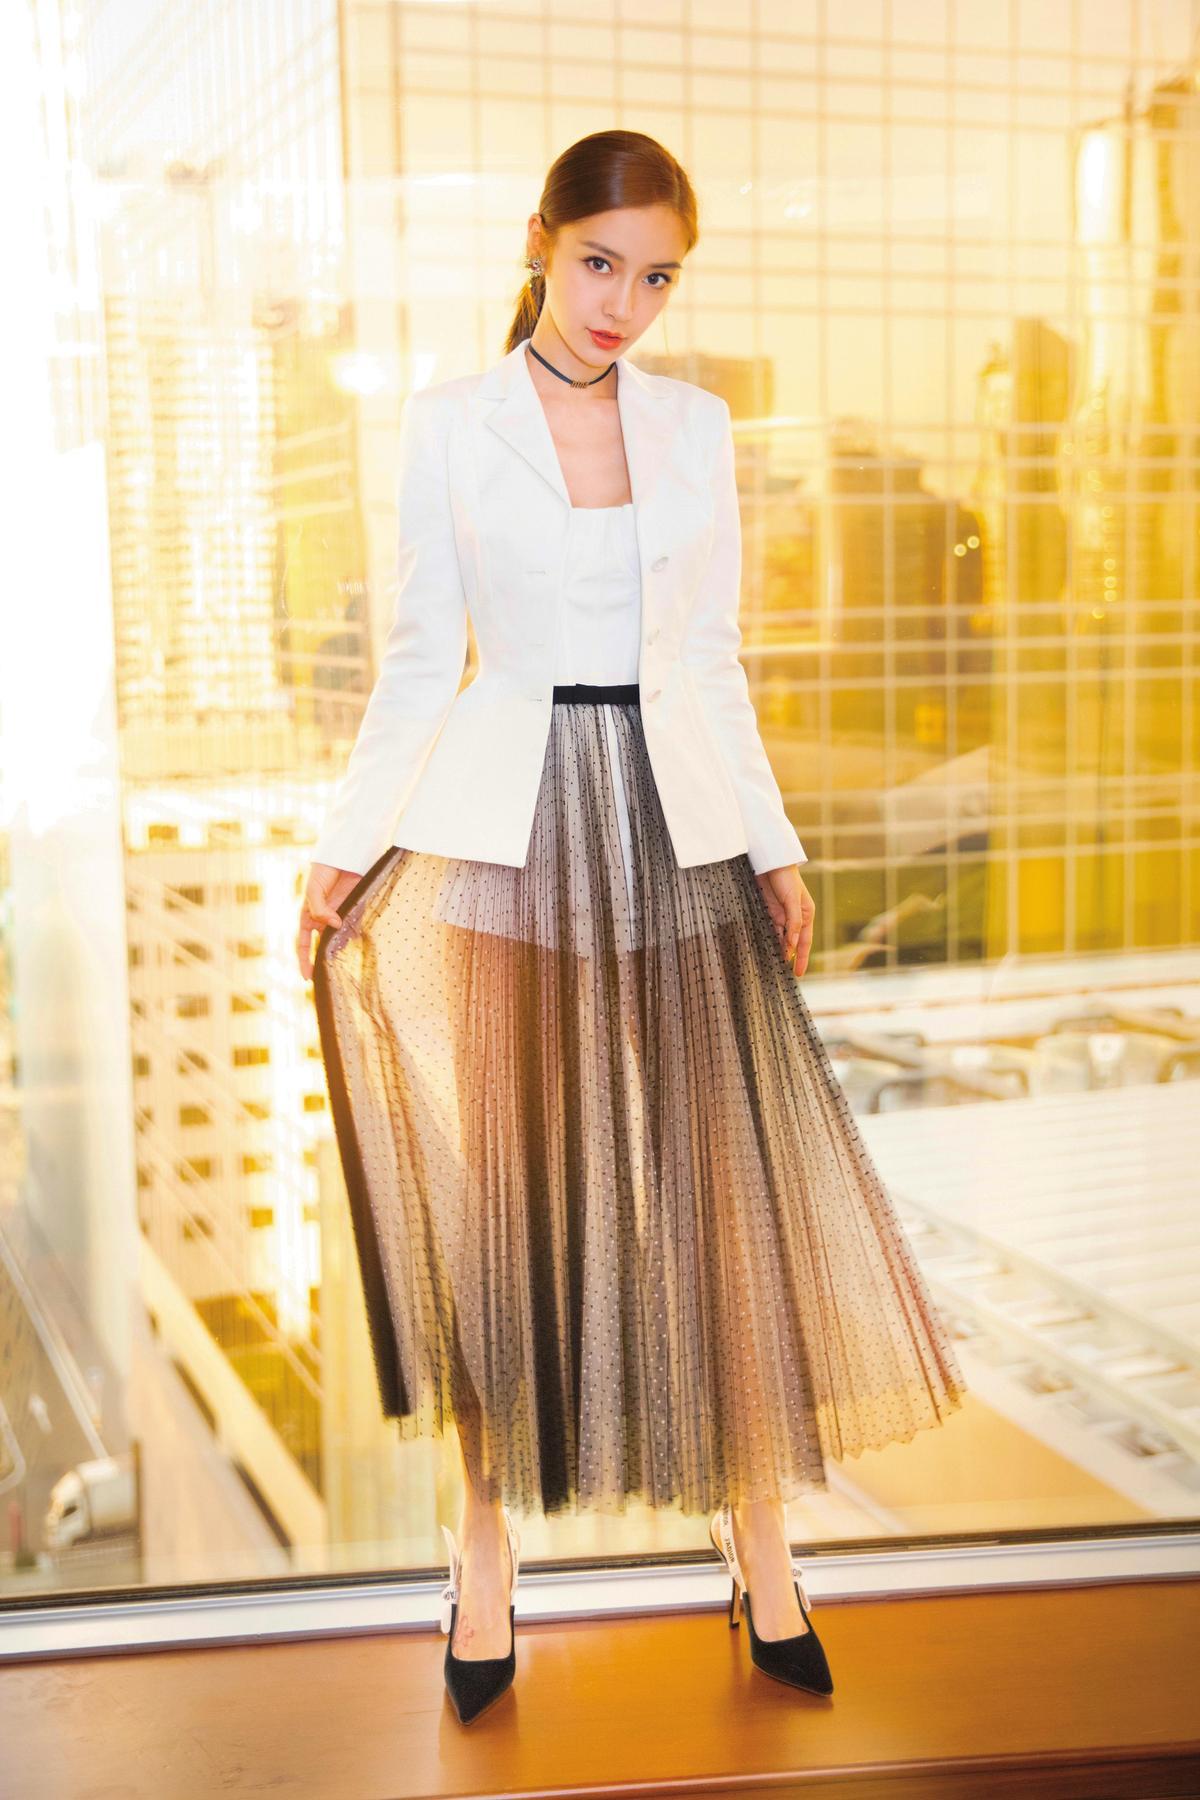 Angelababy出席Dior Lady Art#2藝術家限量合作系列開幕酒會的Angelababy,白色短褲外,加了件黑紗長裙,完全透視的效果,展現美腿也性感十足。(東方IC)